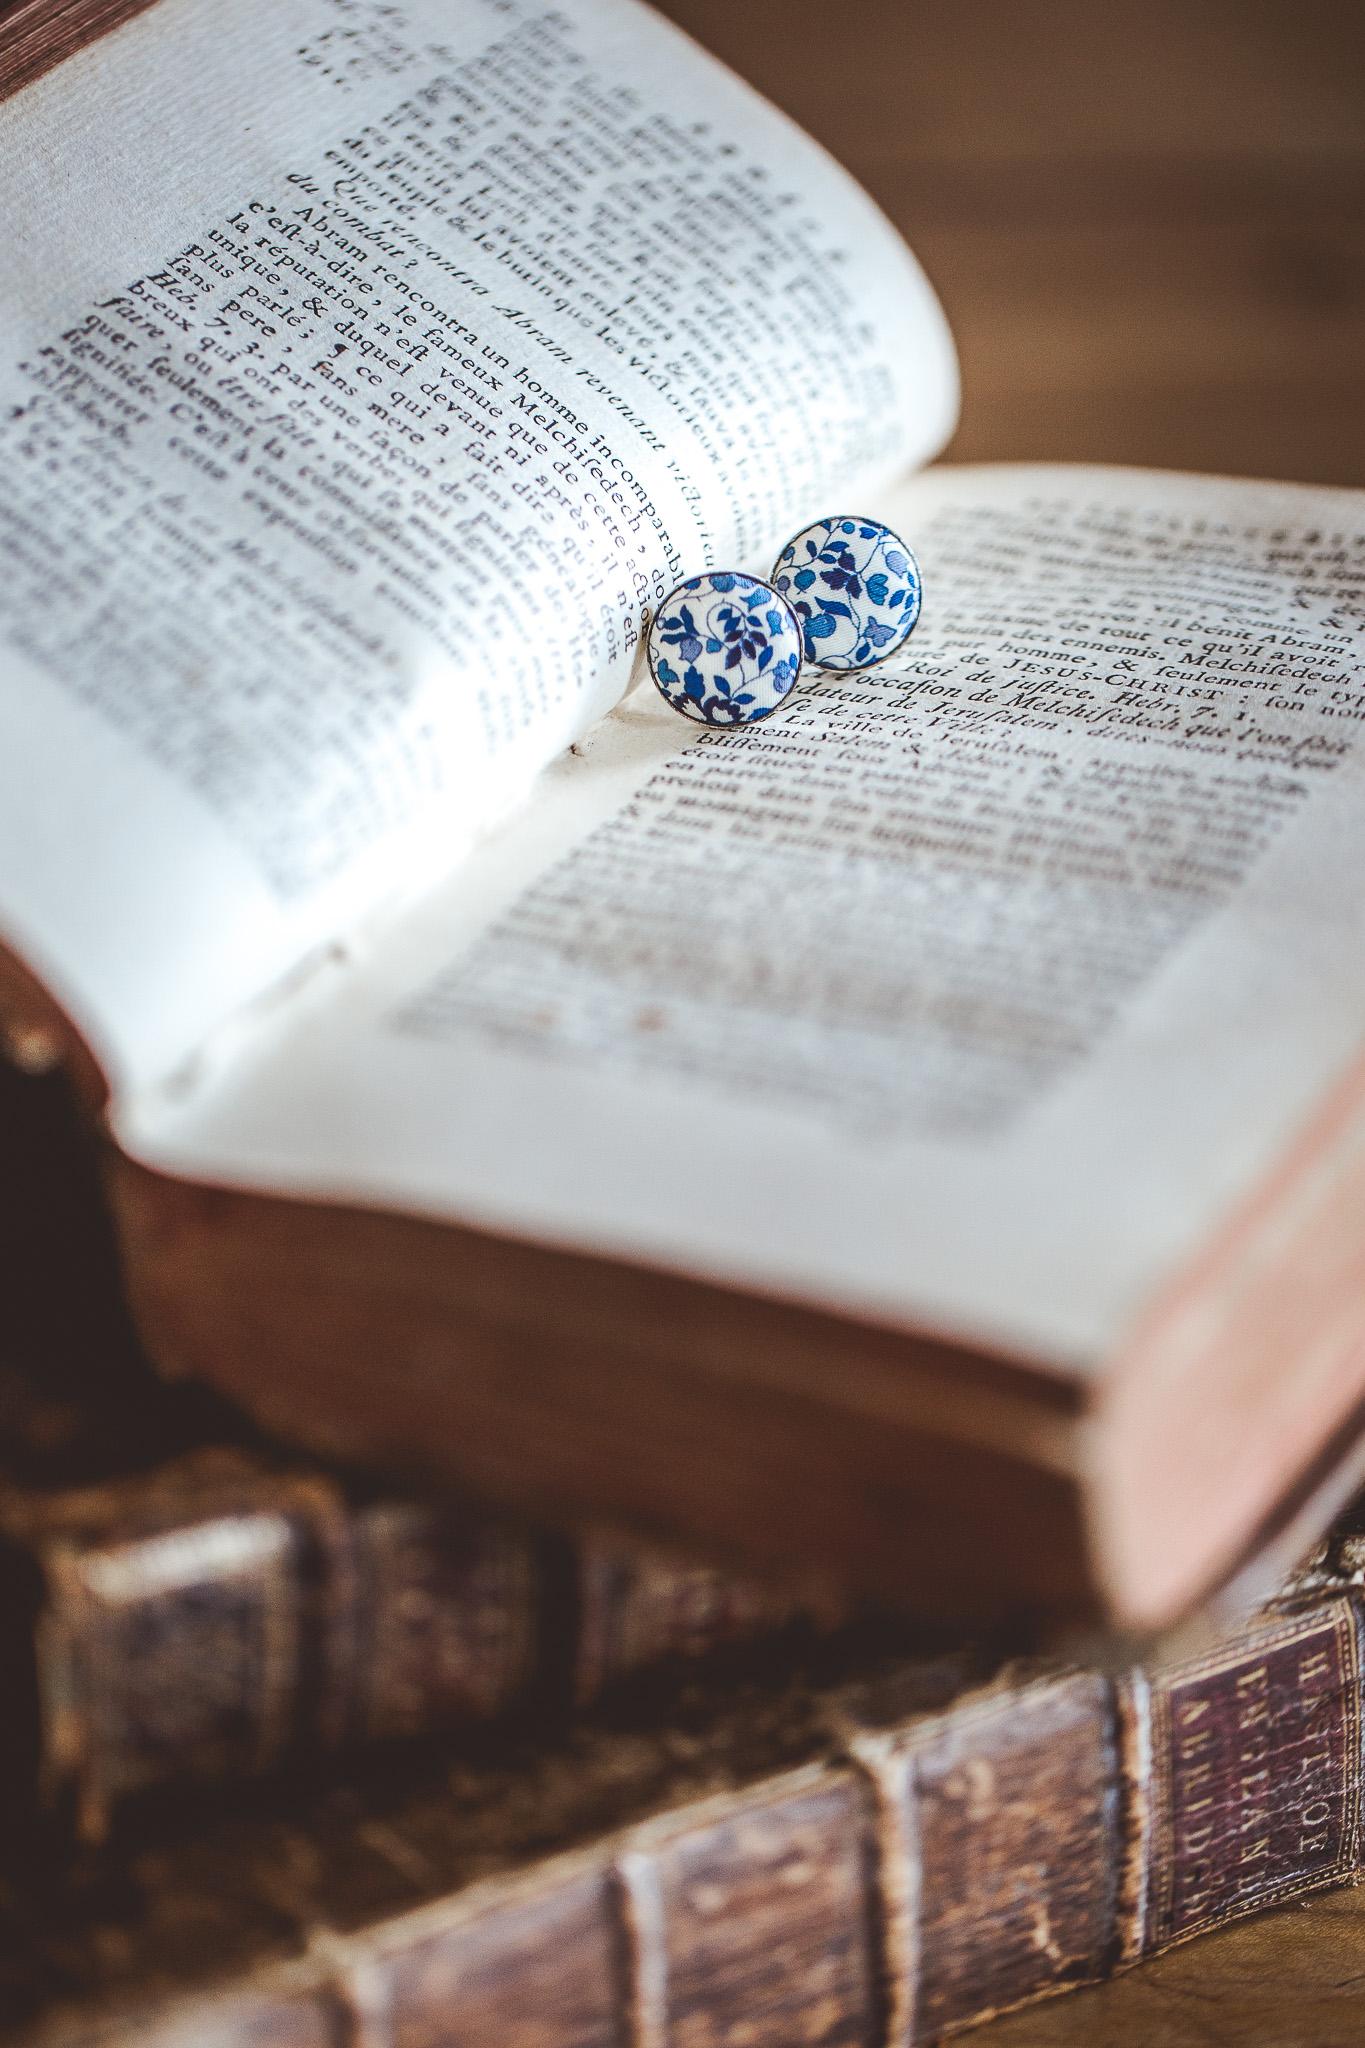 reportage mariage photo habillage preparatifs le marie details bouton manchette liberty domaine ronsac toulouse